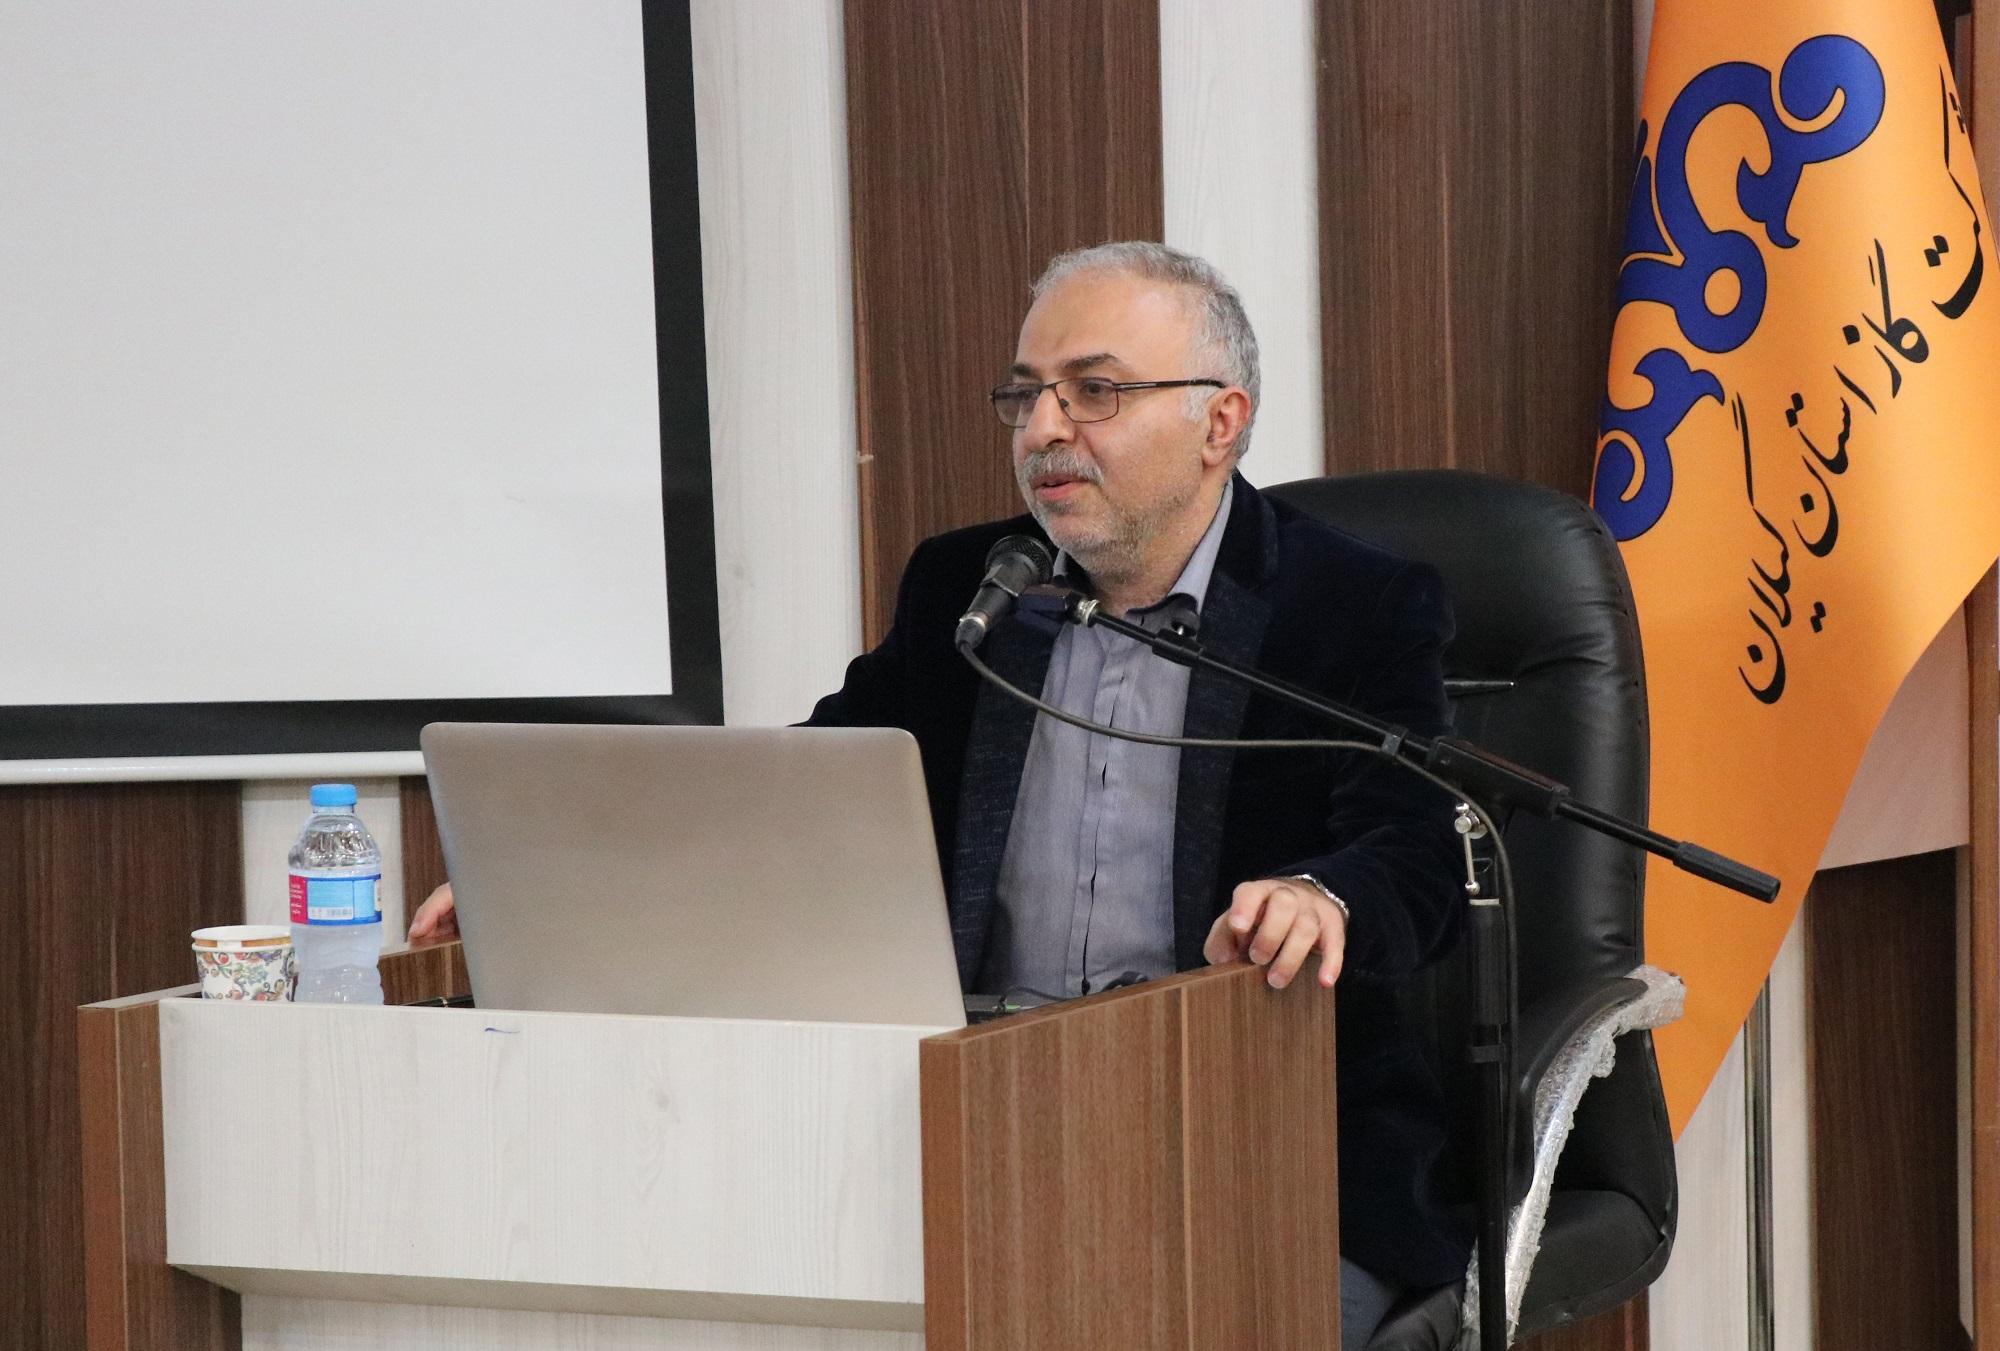 مدیرعامل شرکت گاز استان گیلان :در فصل بهار بیش از ۱٫۵ میلیارد مترمکعب گاز در گیلان مصرف شد